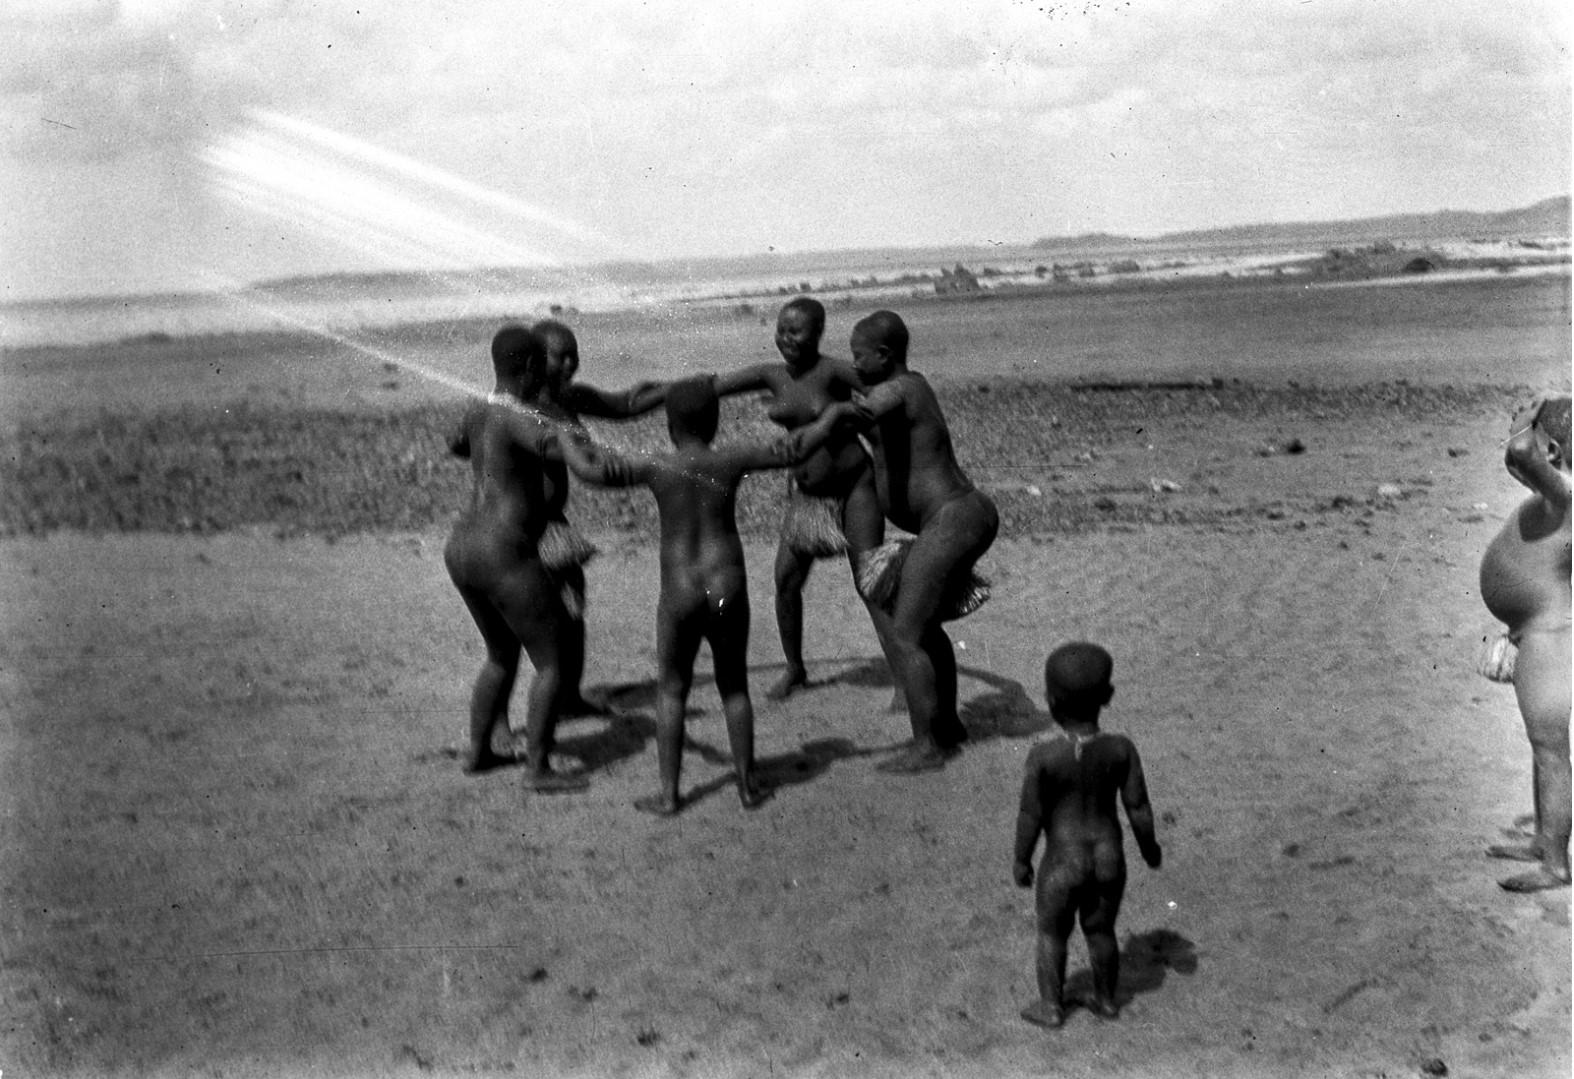 1205. Народность онге. Группа женщин танцует на берегу